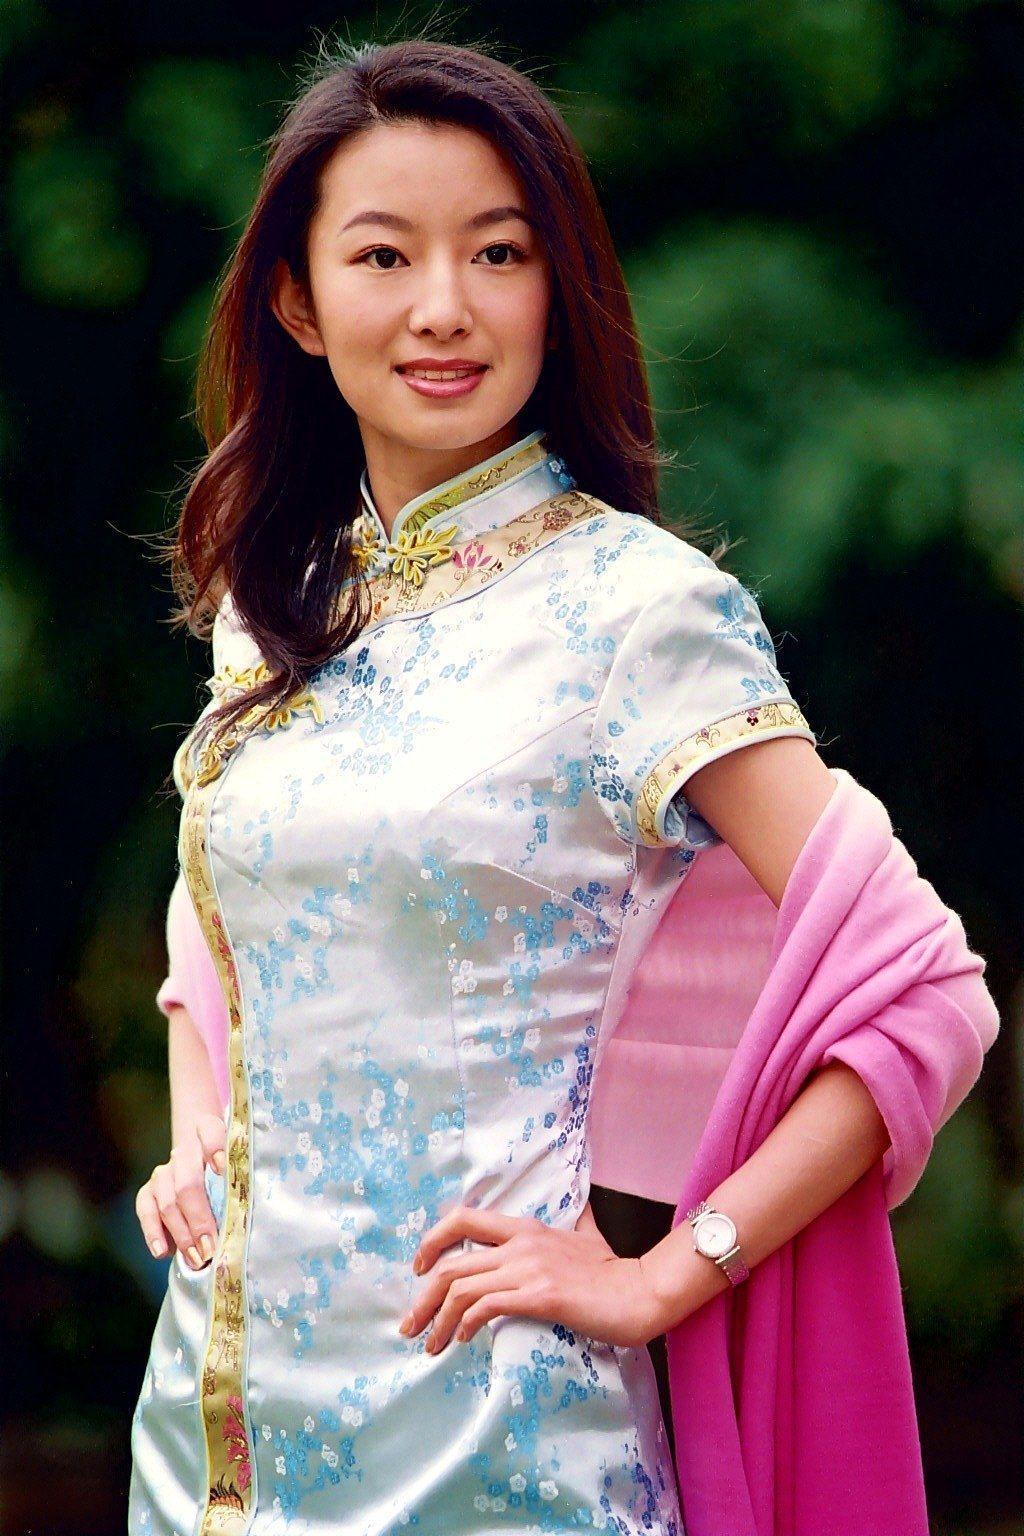 後藤希美子驚爆已於2年前去世。本報資料照